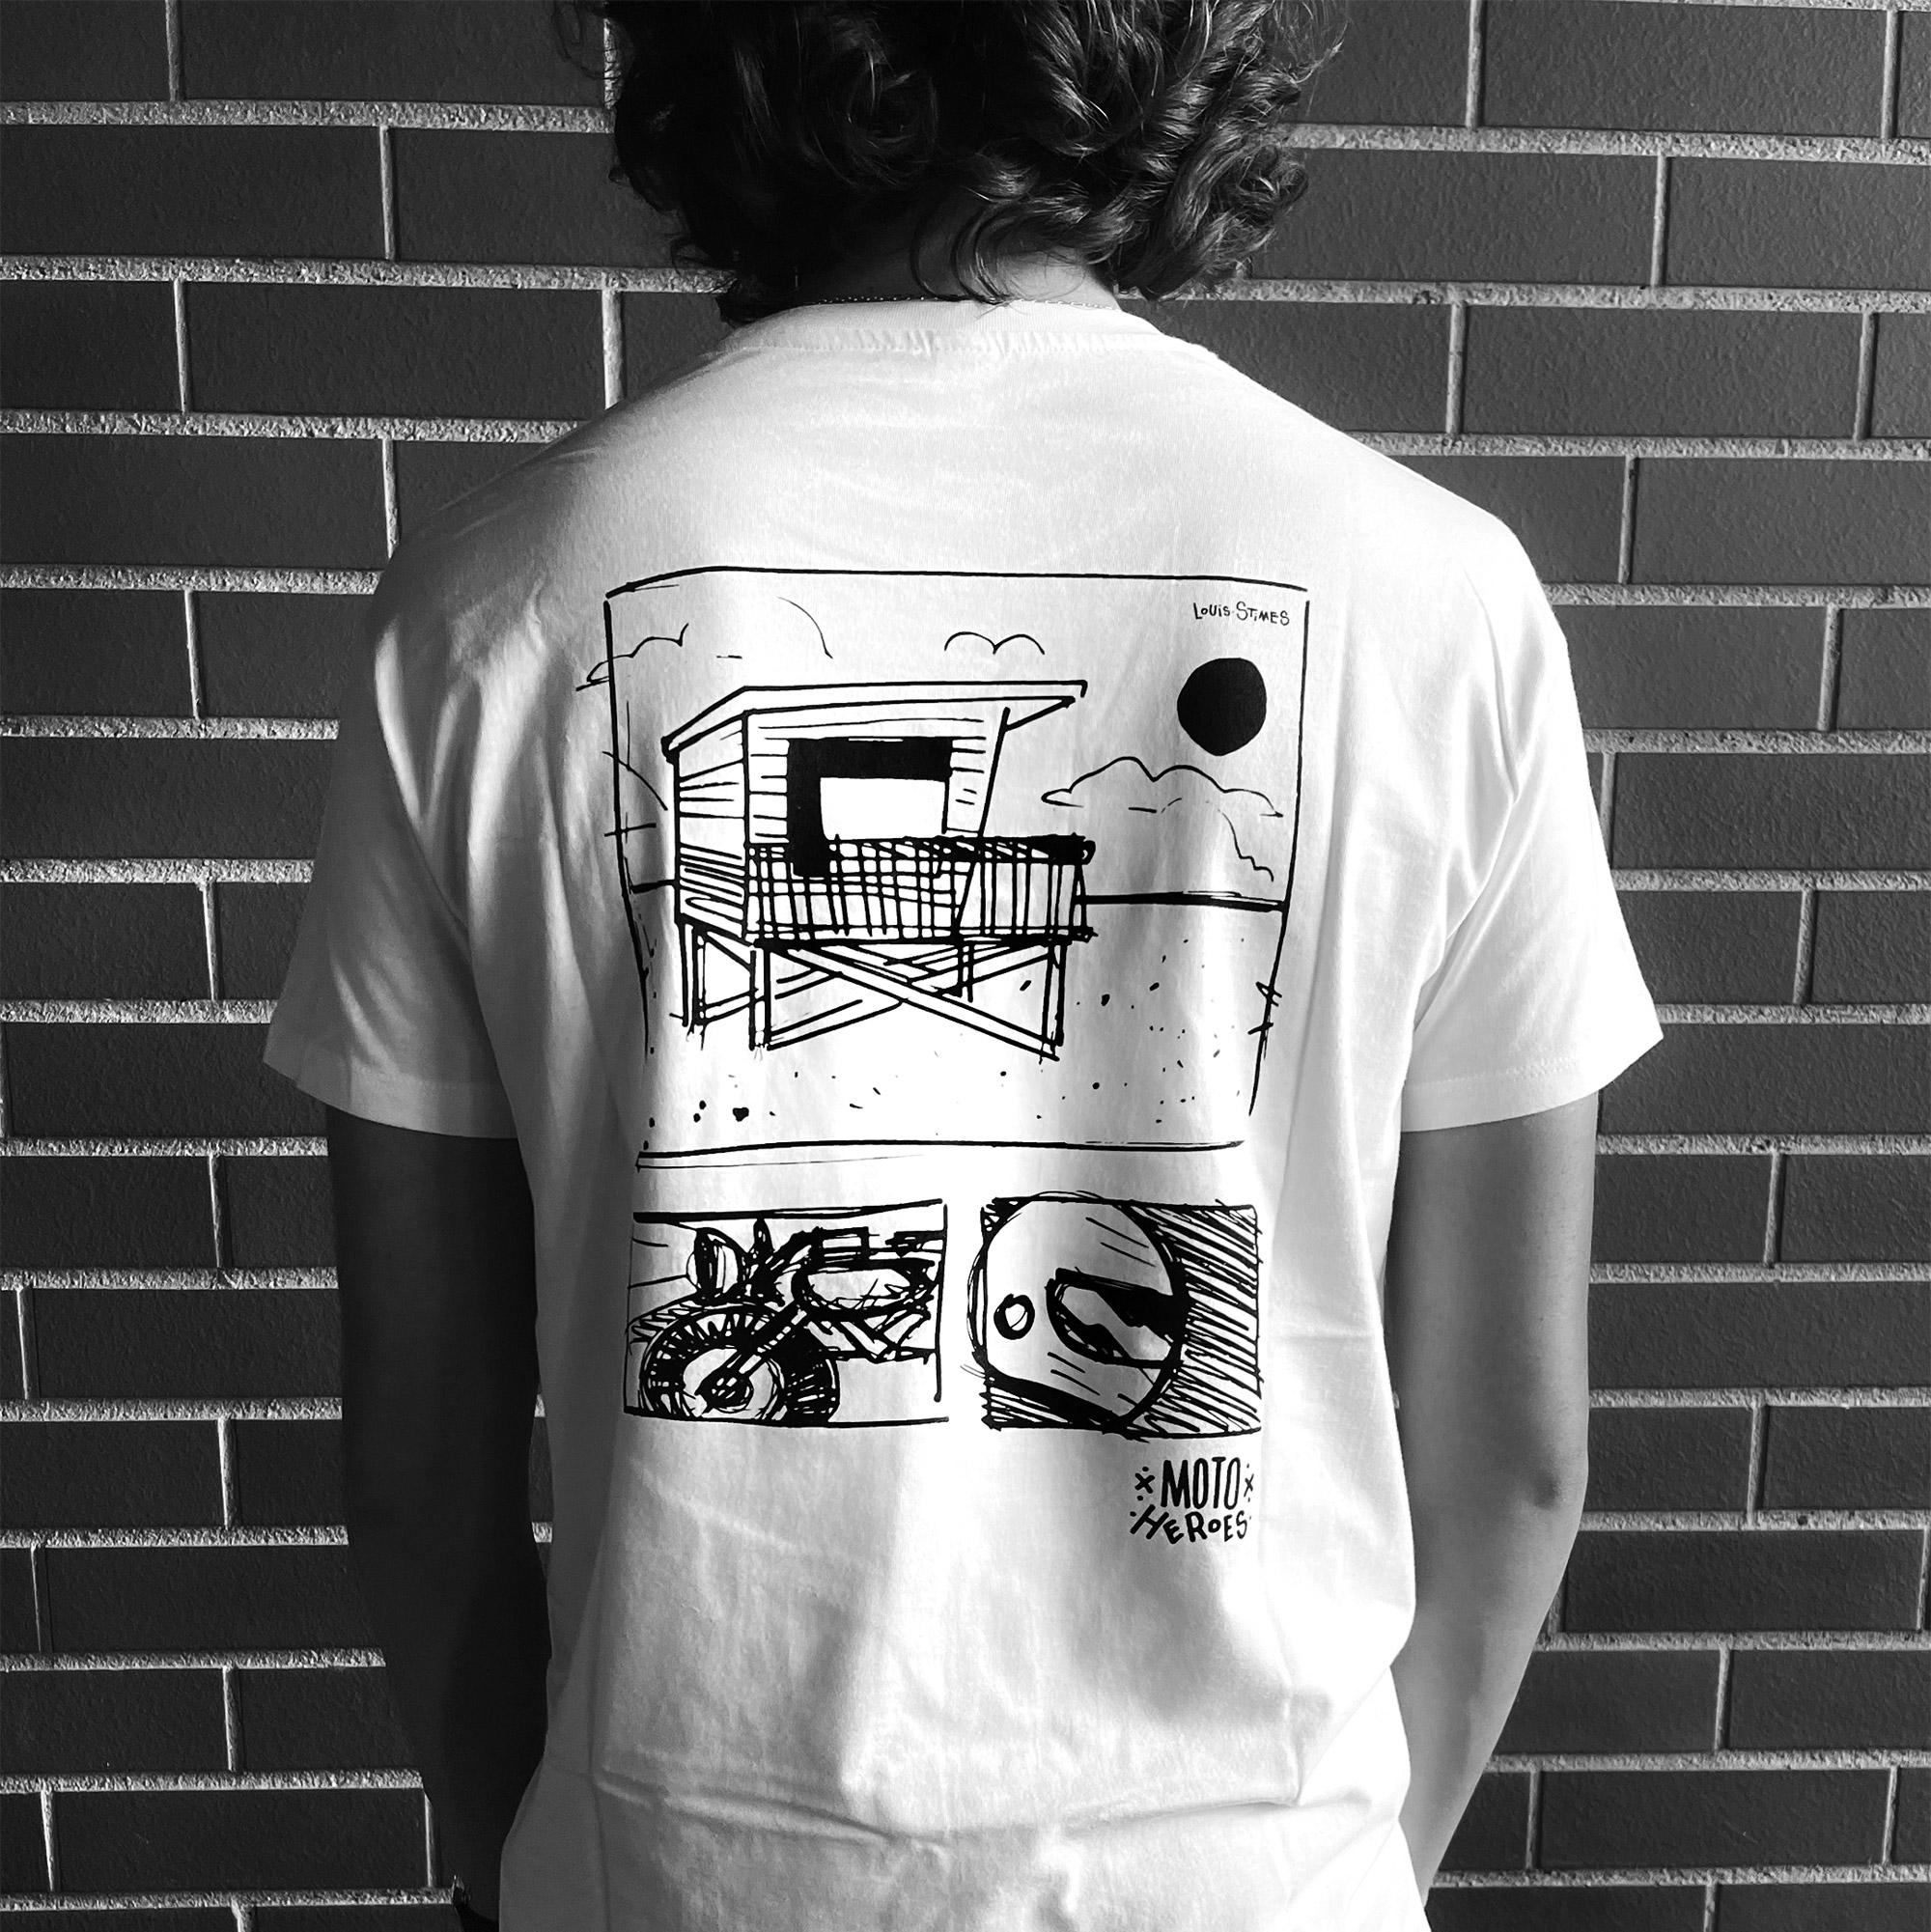 Tee-shirt Moto Heroes Louis Stimes Cabane blanc